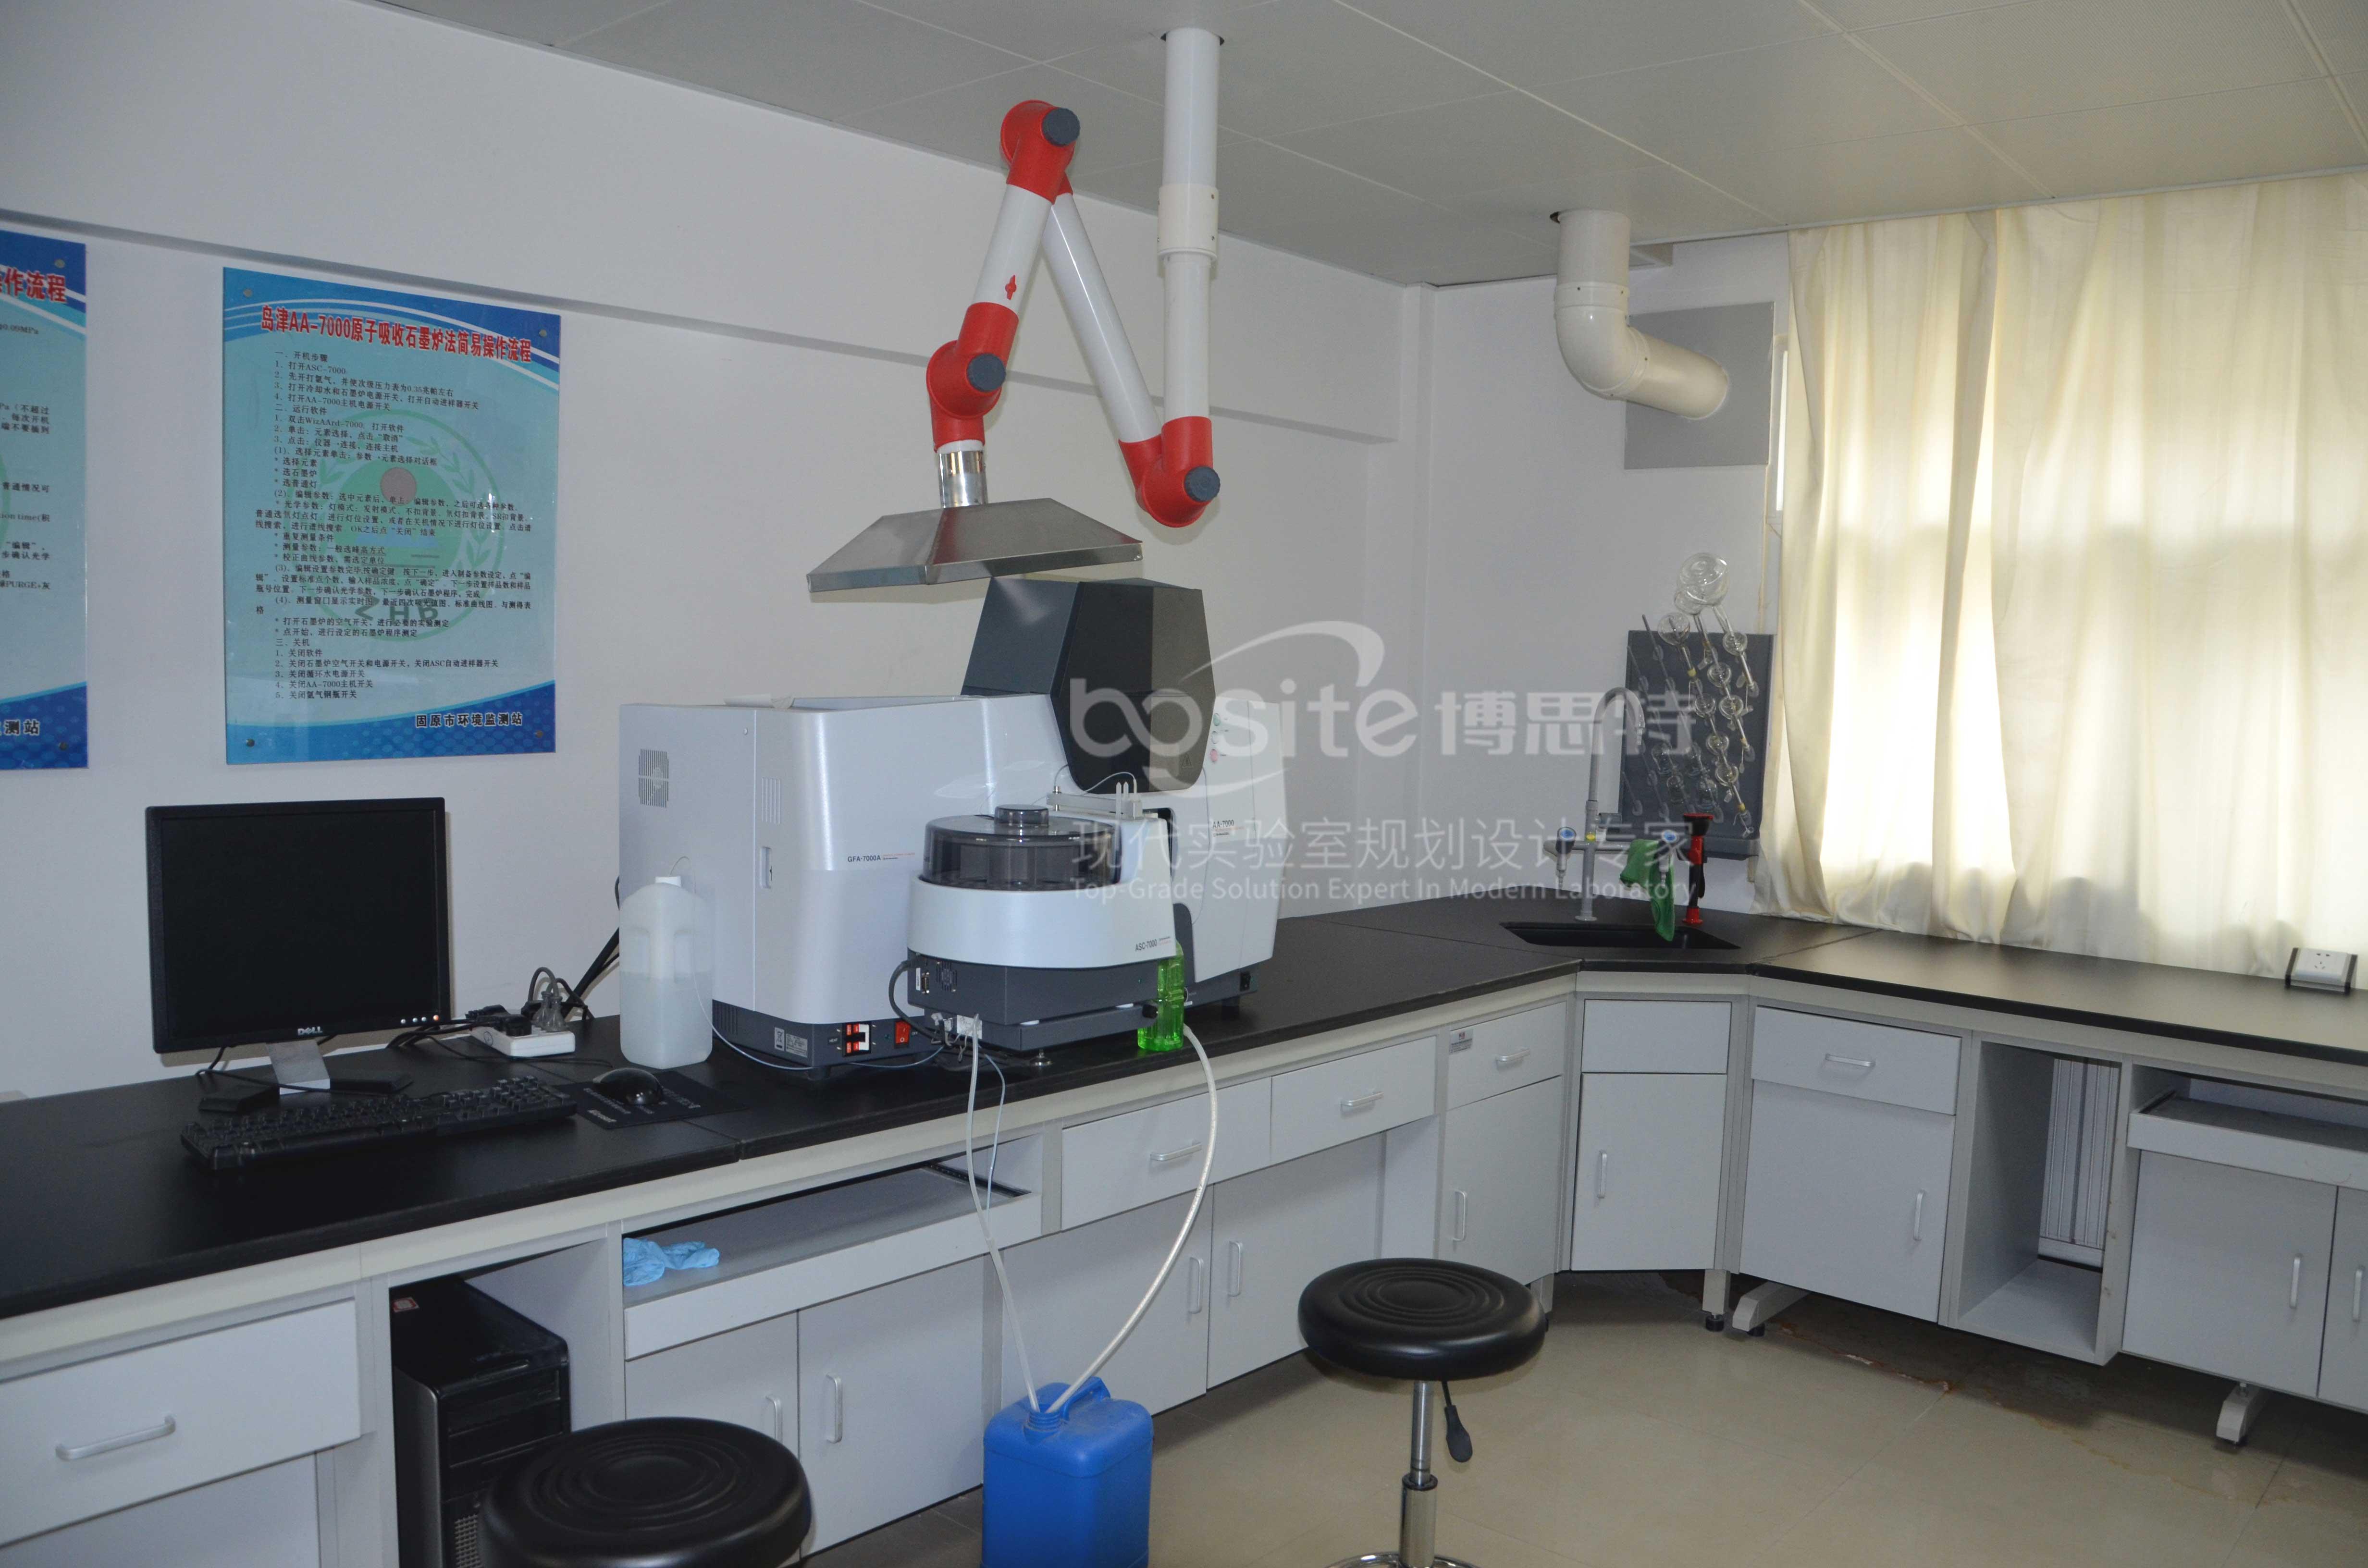 环境检测实验室